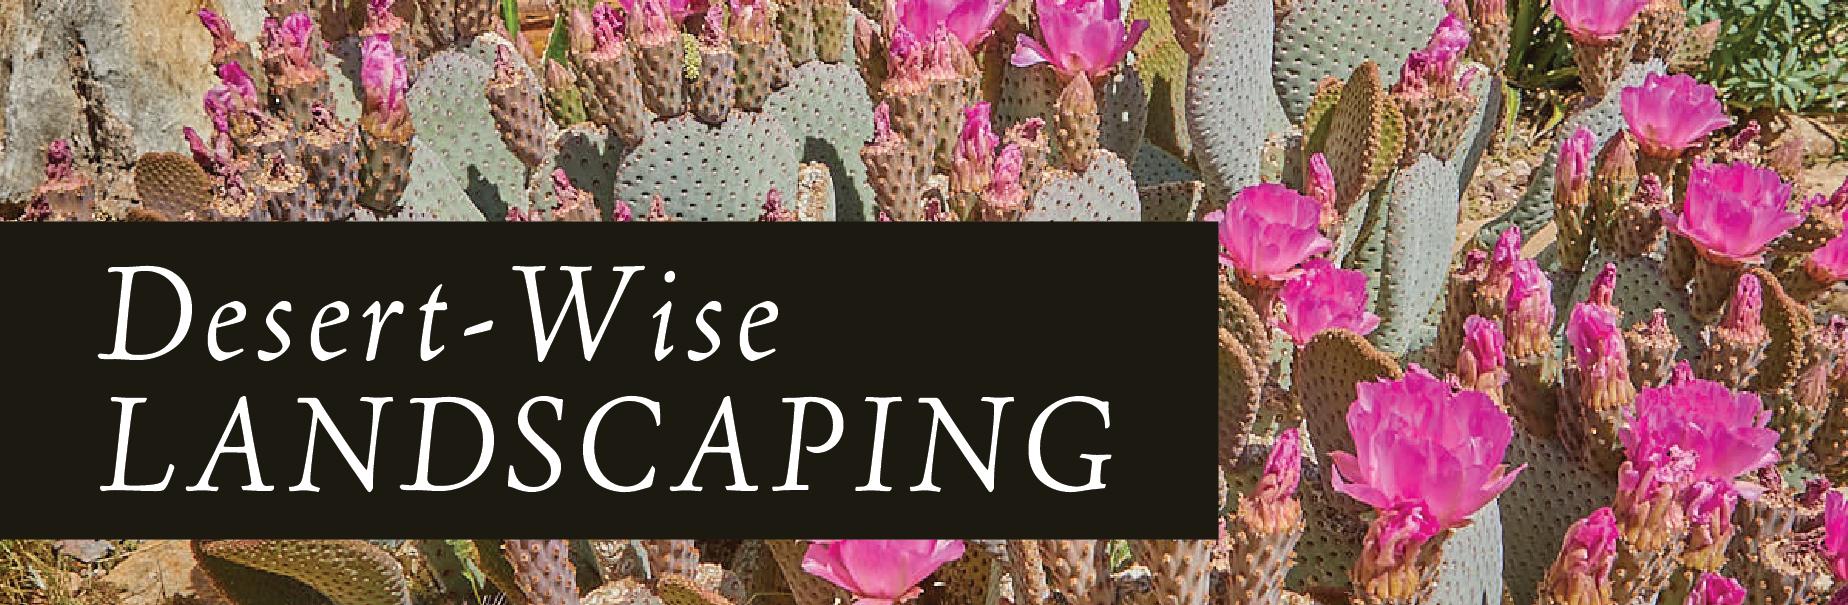 desert wise landscaping banner